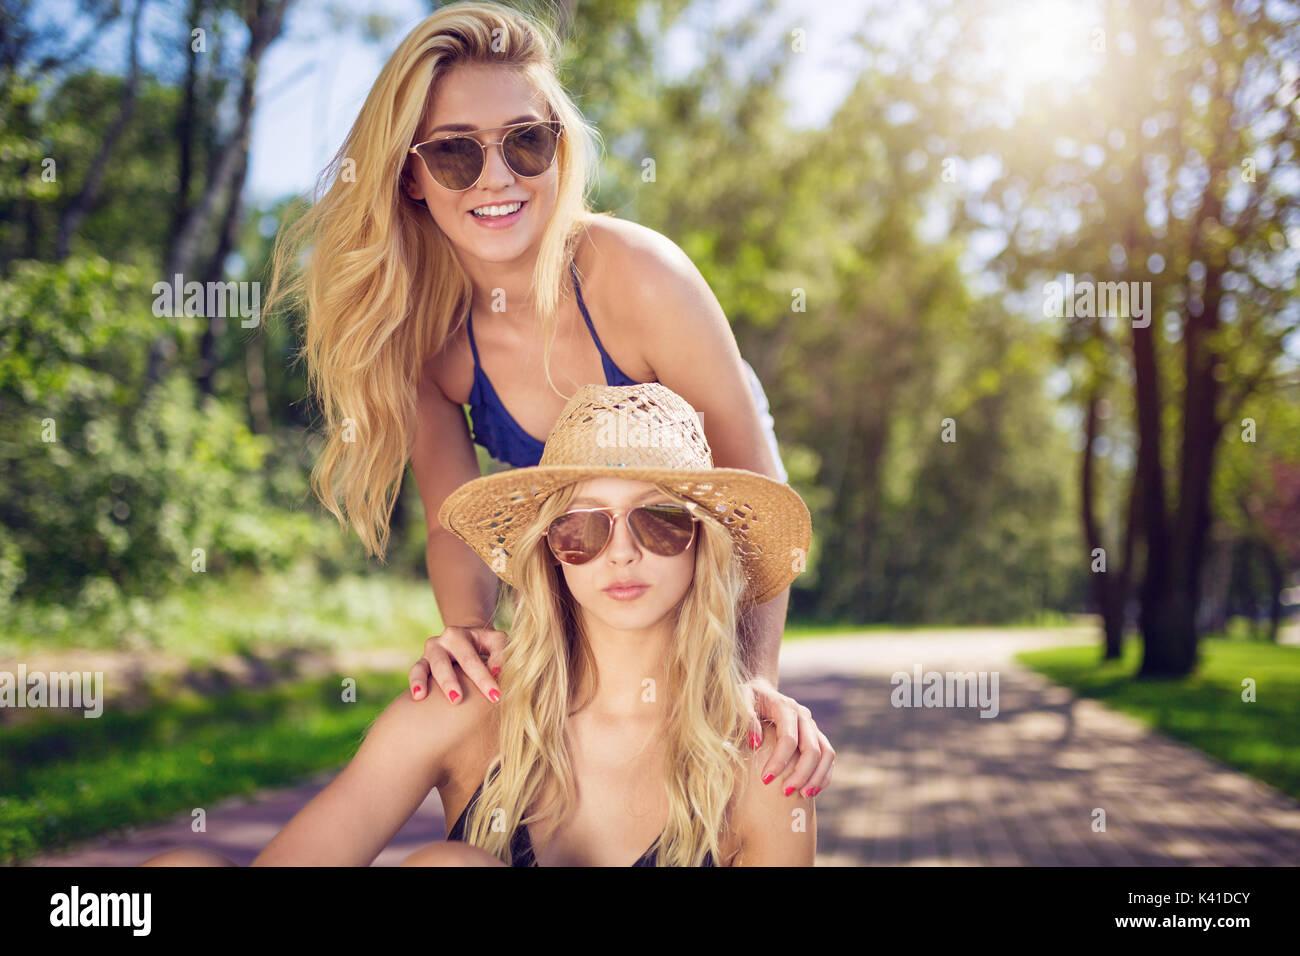 Una foto di una giovane e bella donna di trascorrere il tempo libero con la sua amica. Immagini Stock